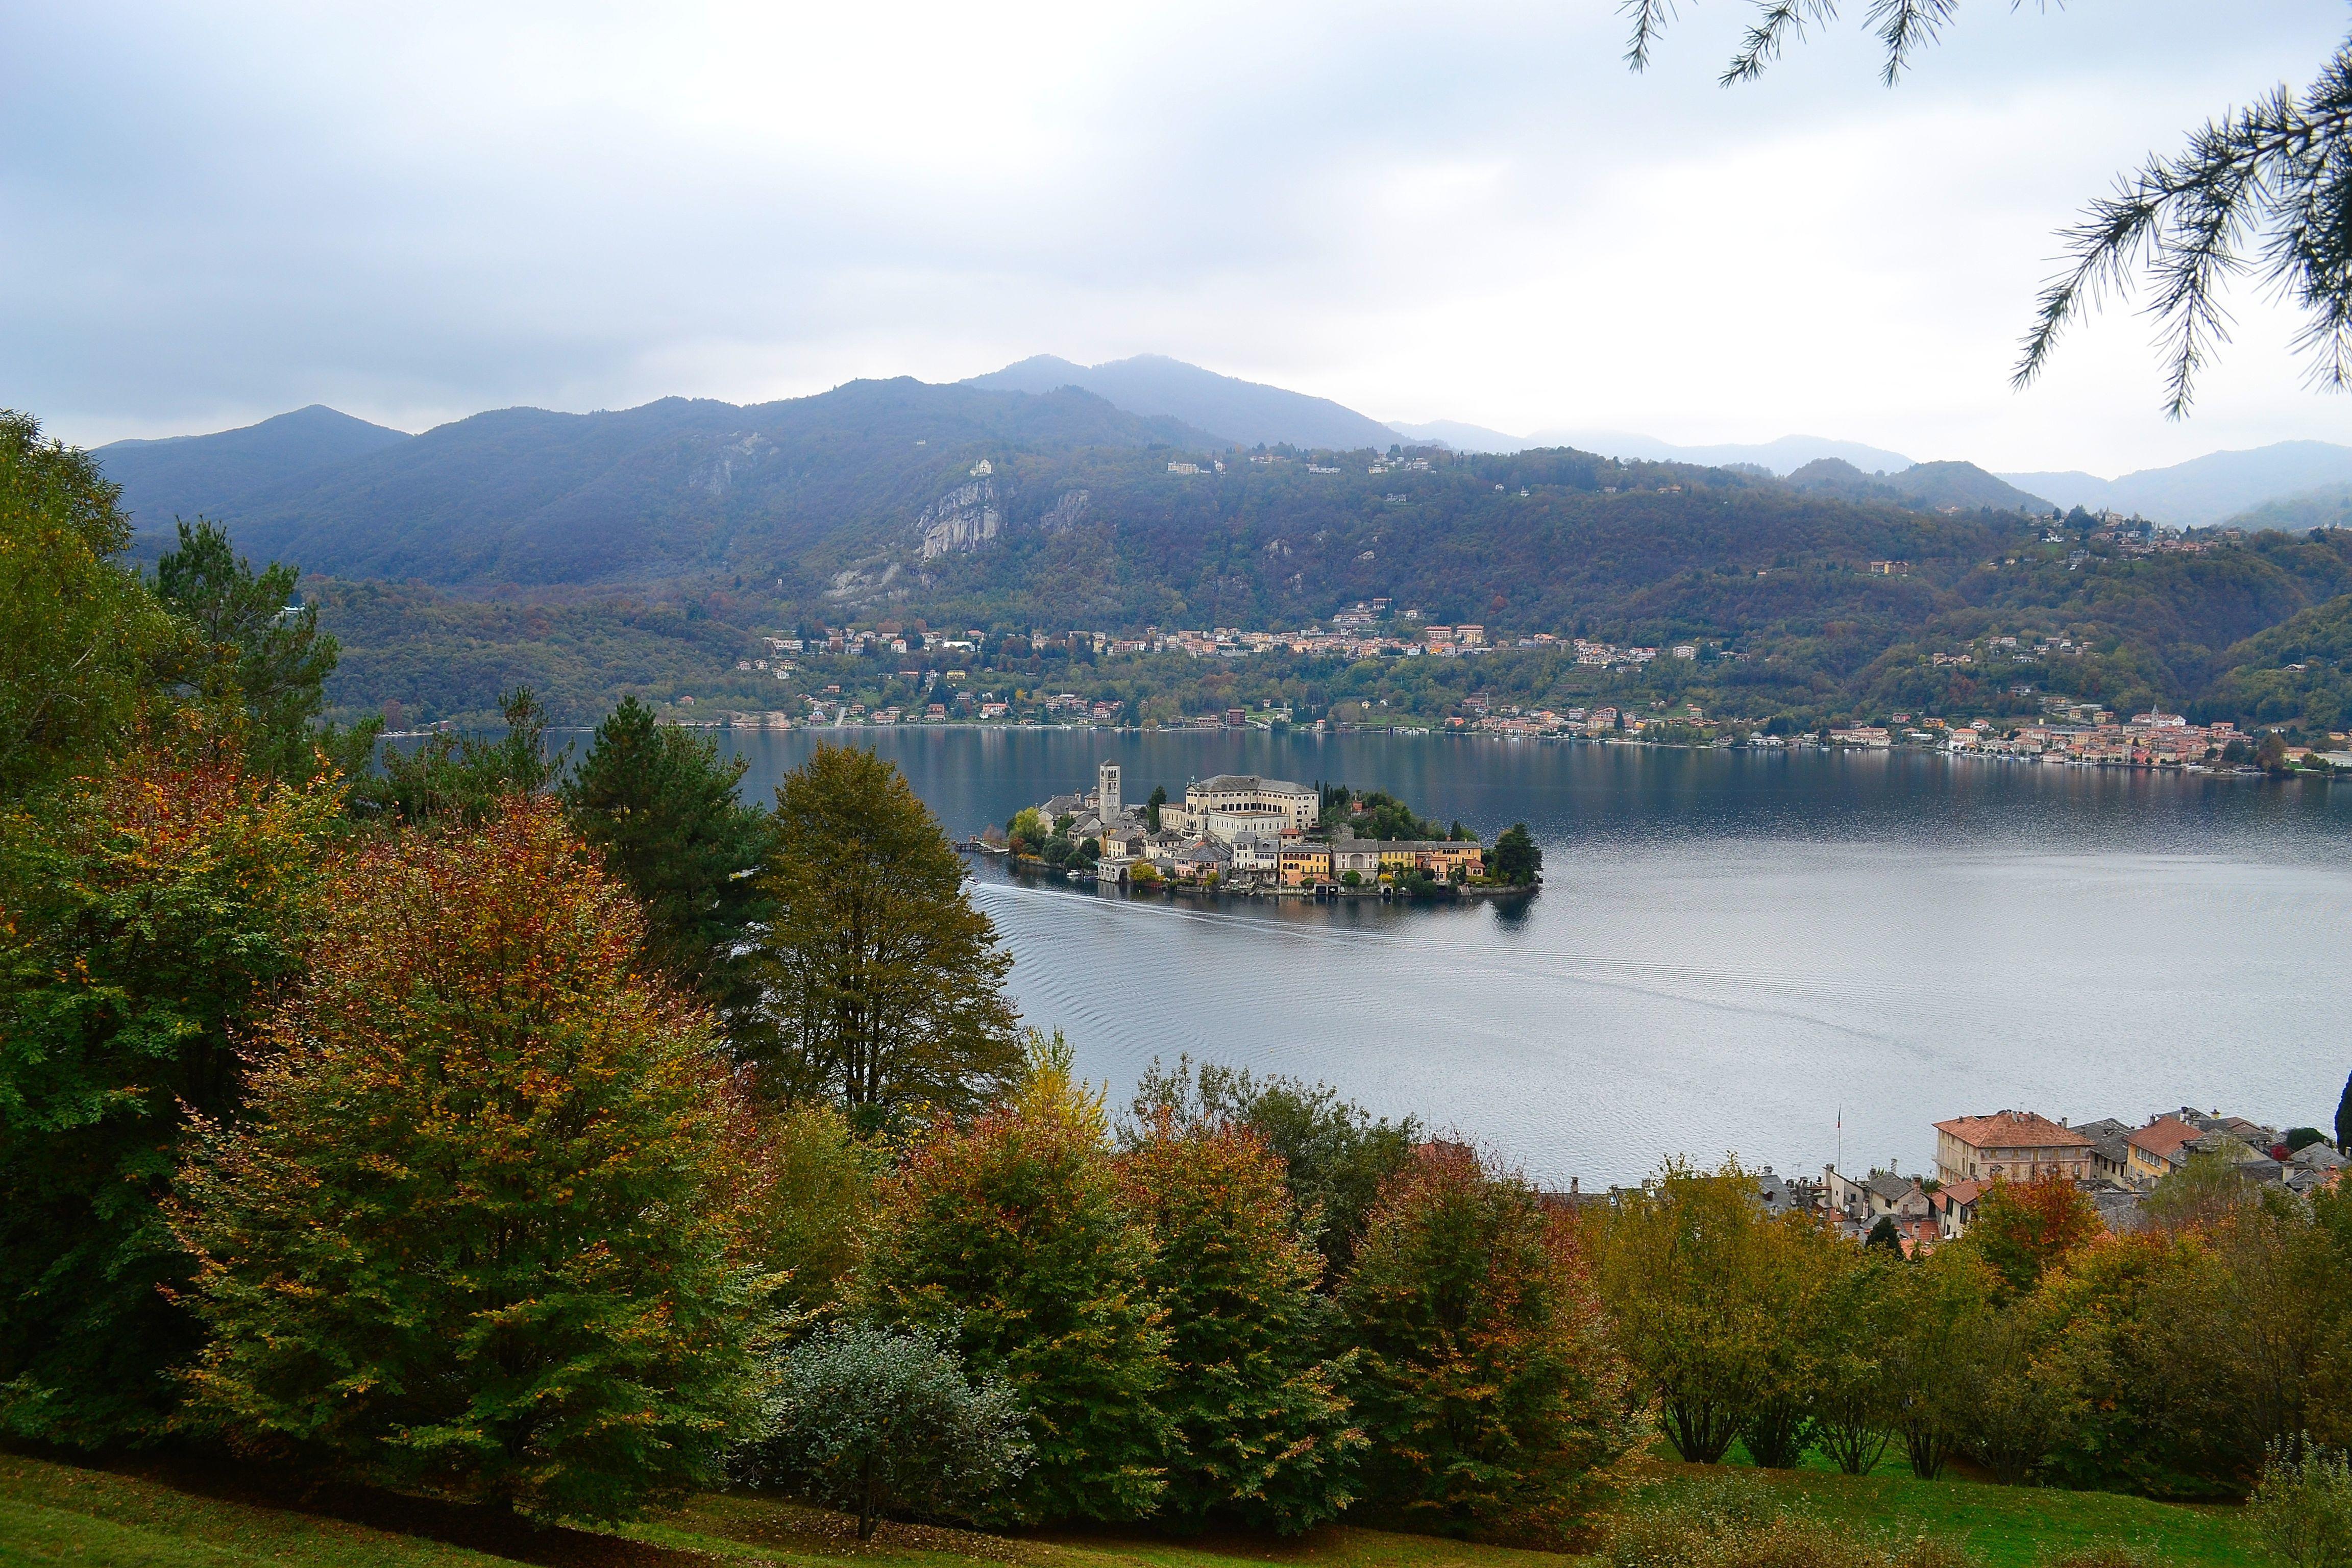 обои Озеро Орта, Италия, Остров Сан Джулио картинки фото